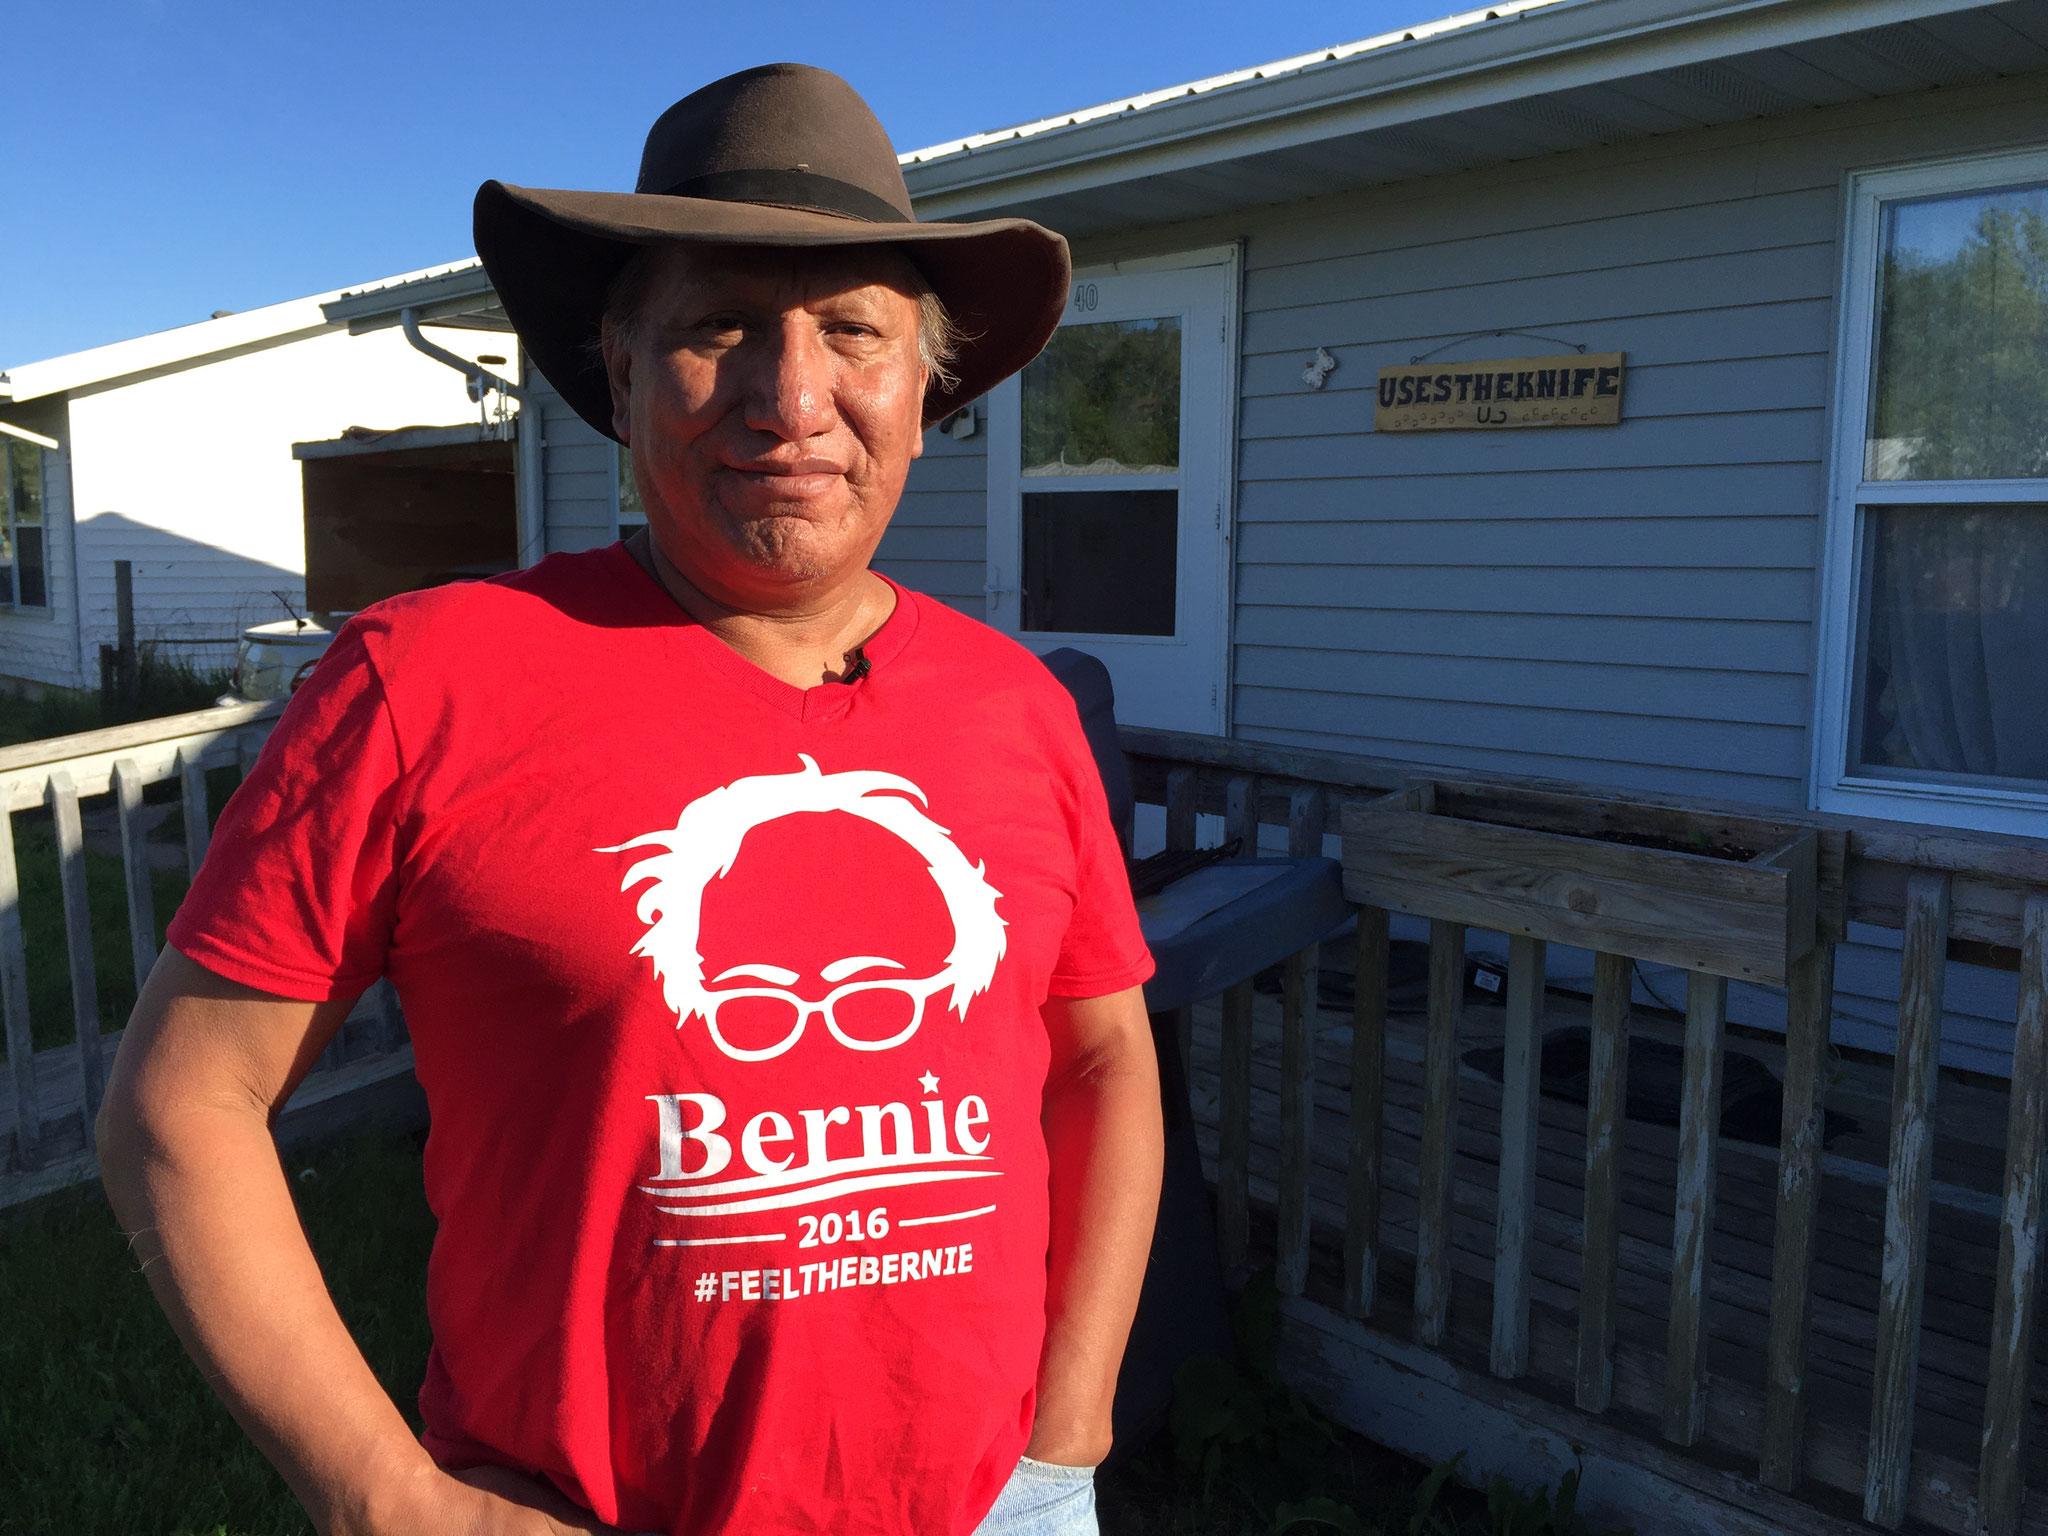 Raymond Uses the Knife ist Ureinwohner Amerikas - und fühlt sich vergessen